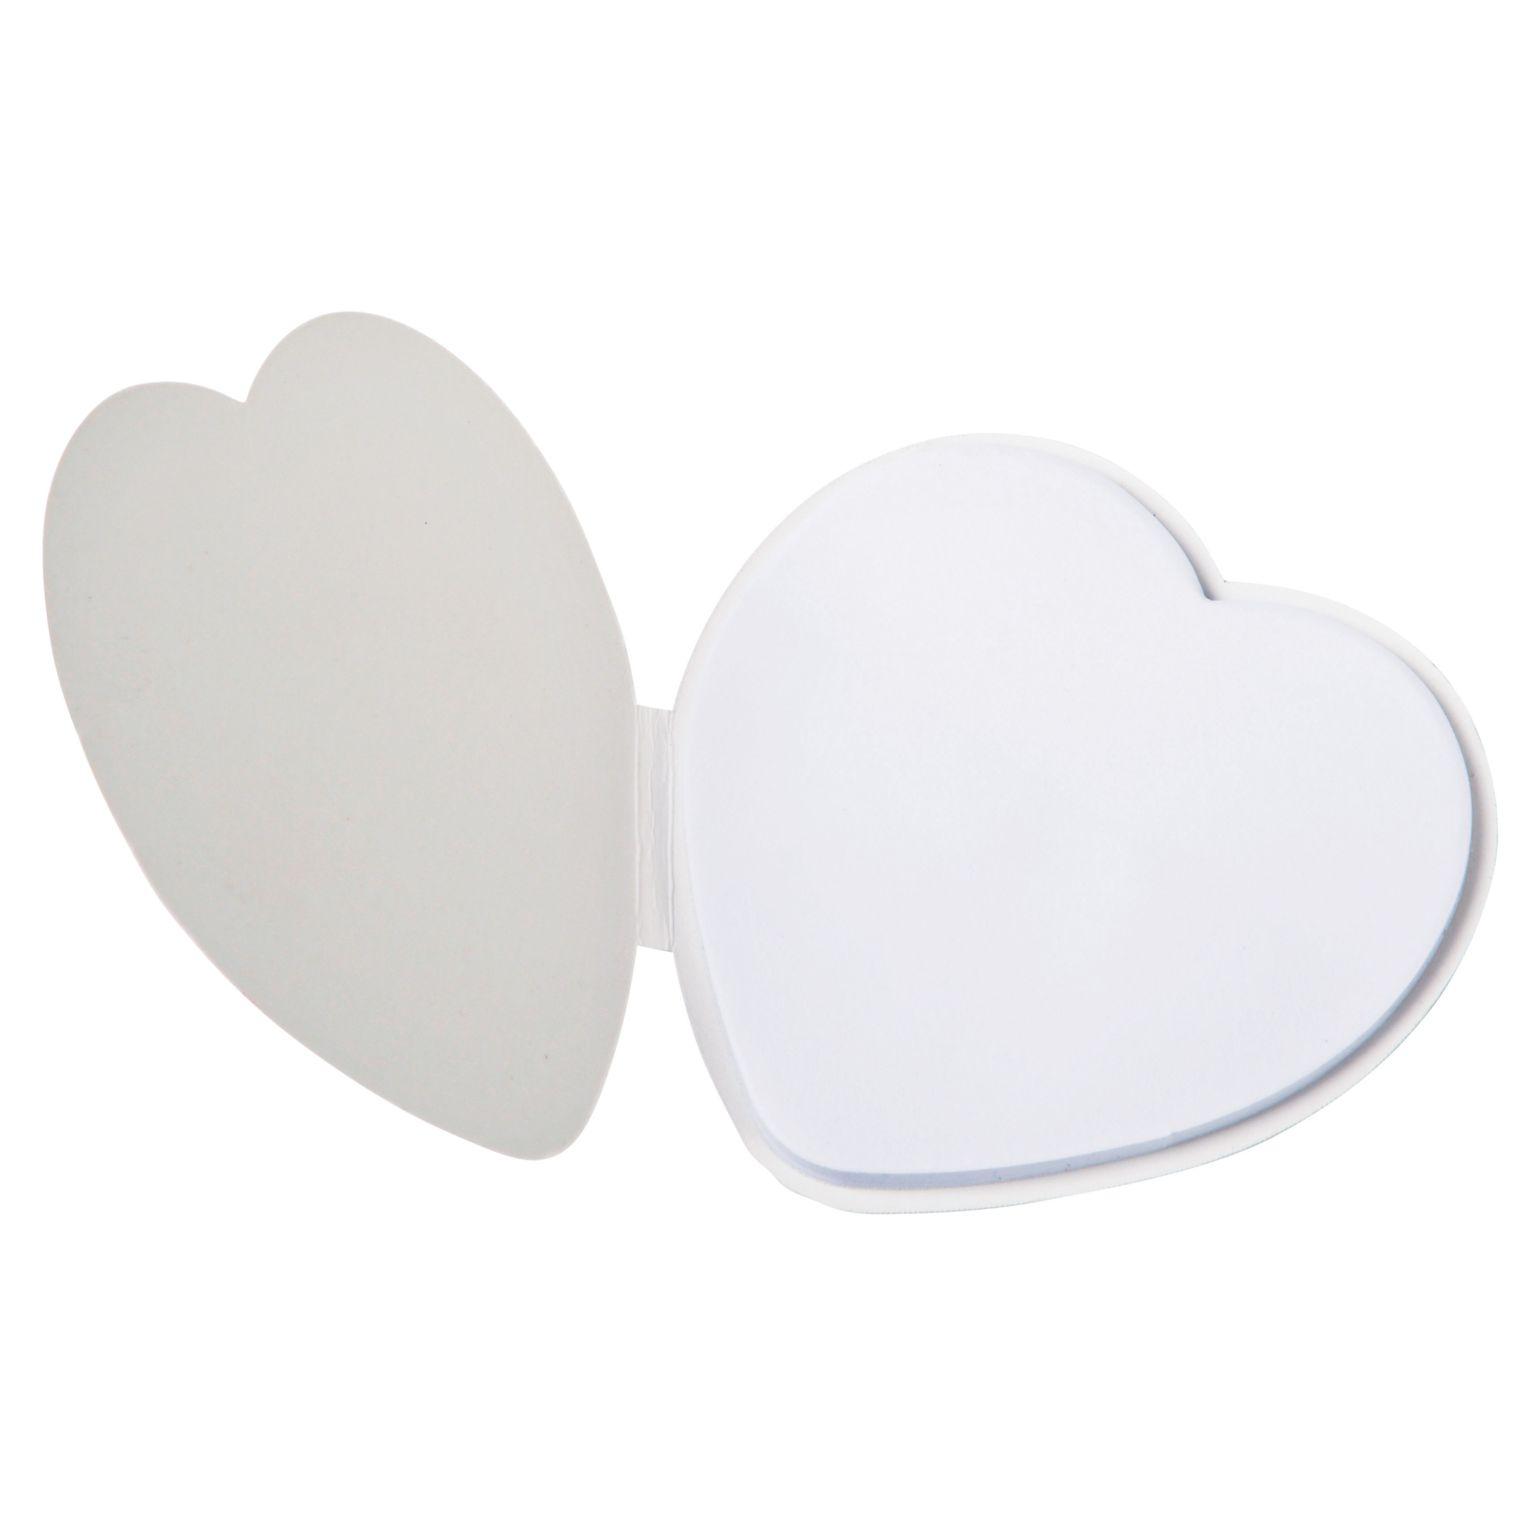 Autocollants mémo cœur IN LOVE personnalisé  goodies objets publicitaires